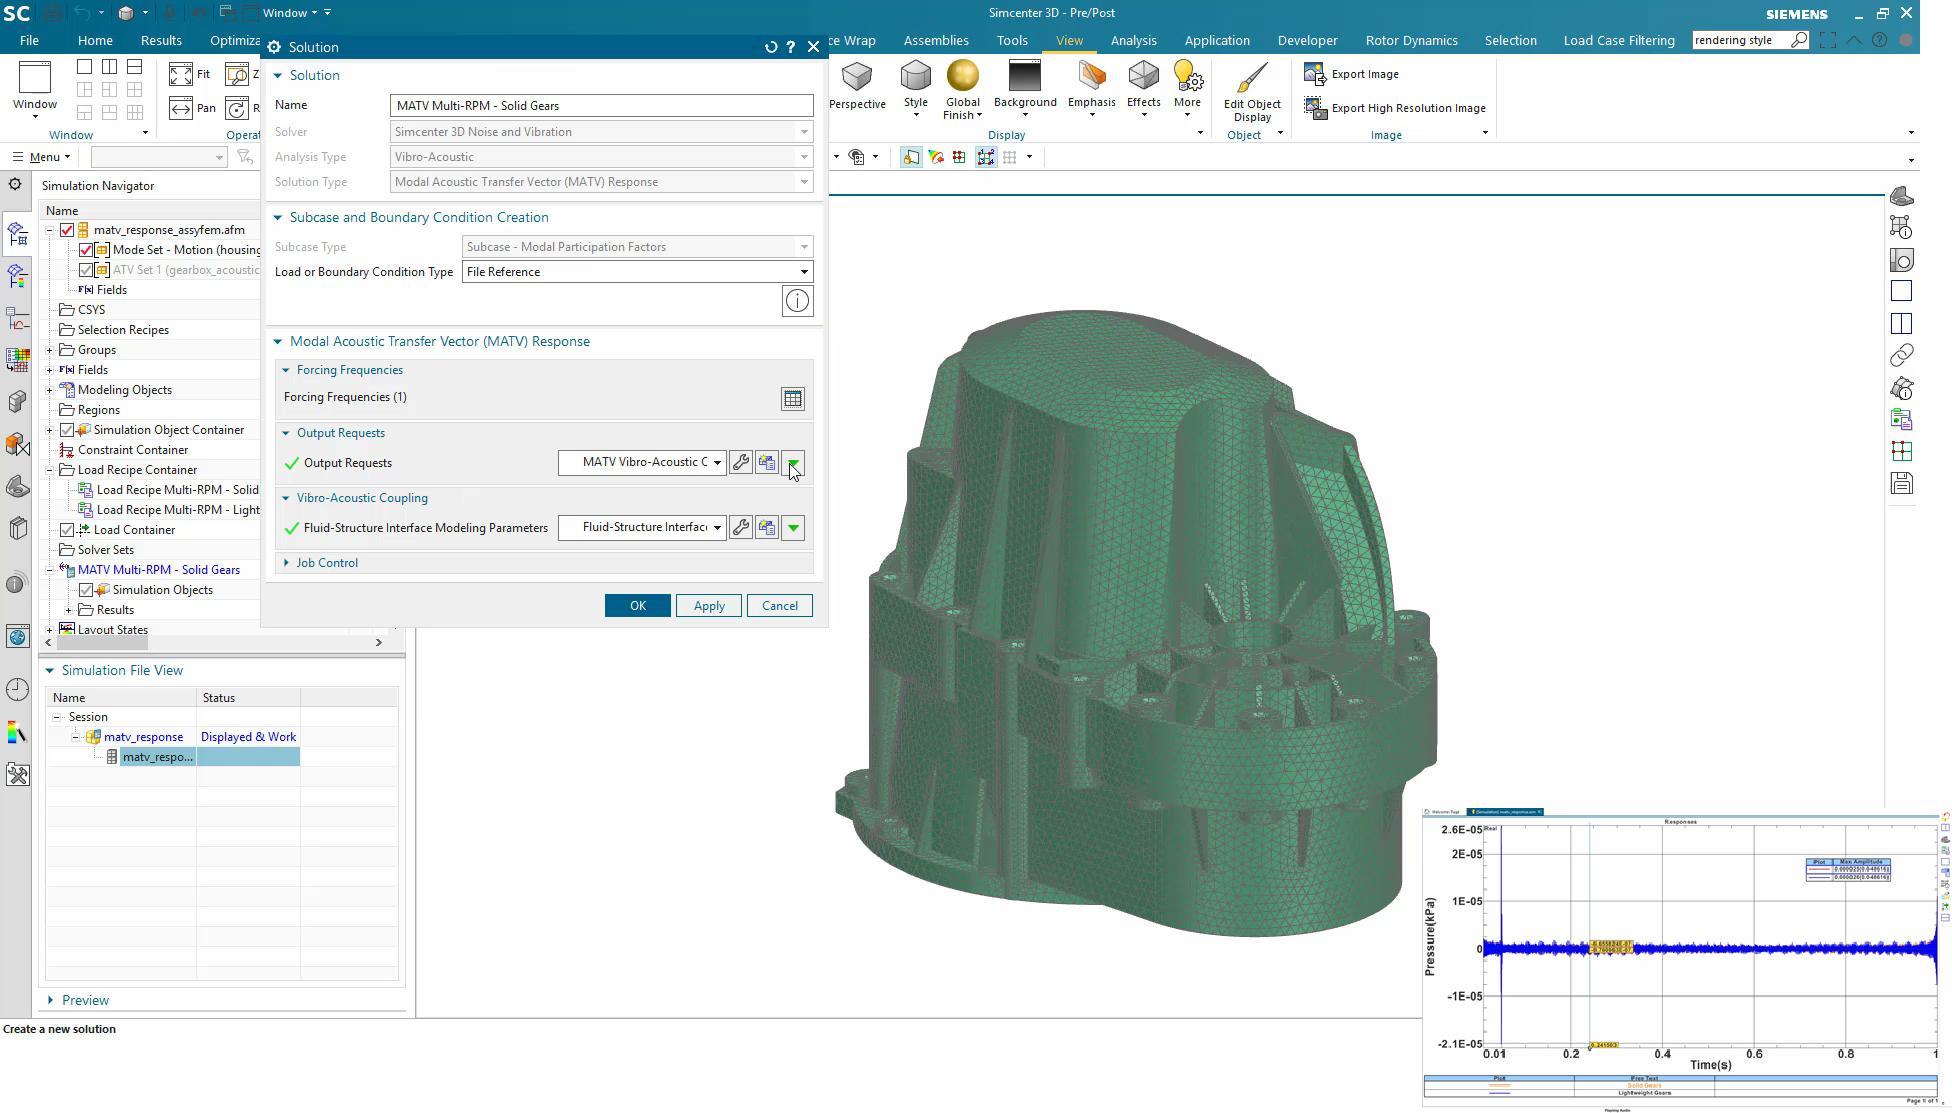 Siemens annonce le lancement de Simcenter 3D 2021